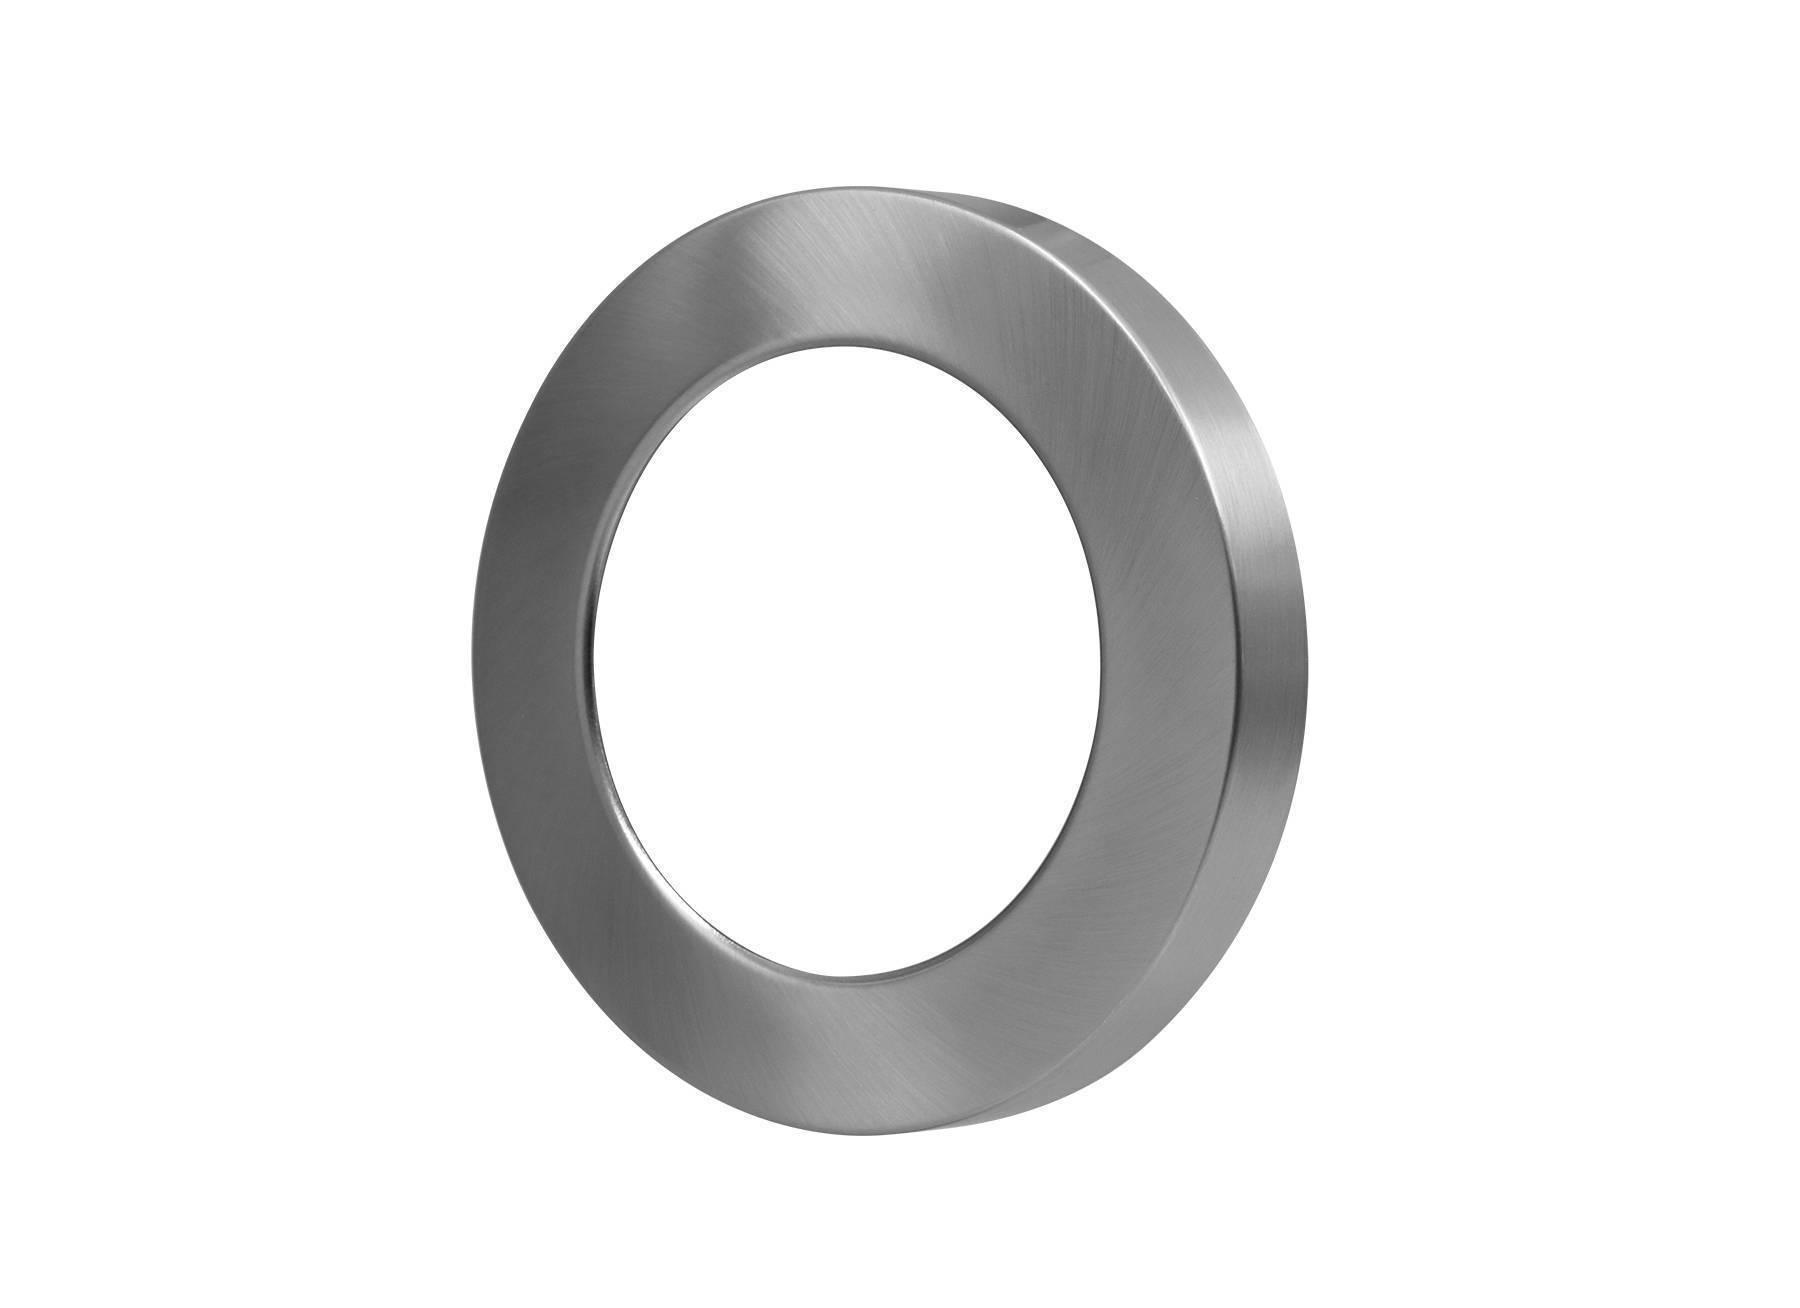 Abdeckring silber für Ein-Aufbaustrahler 18W Ø219mm